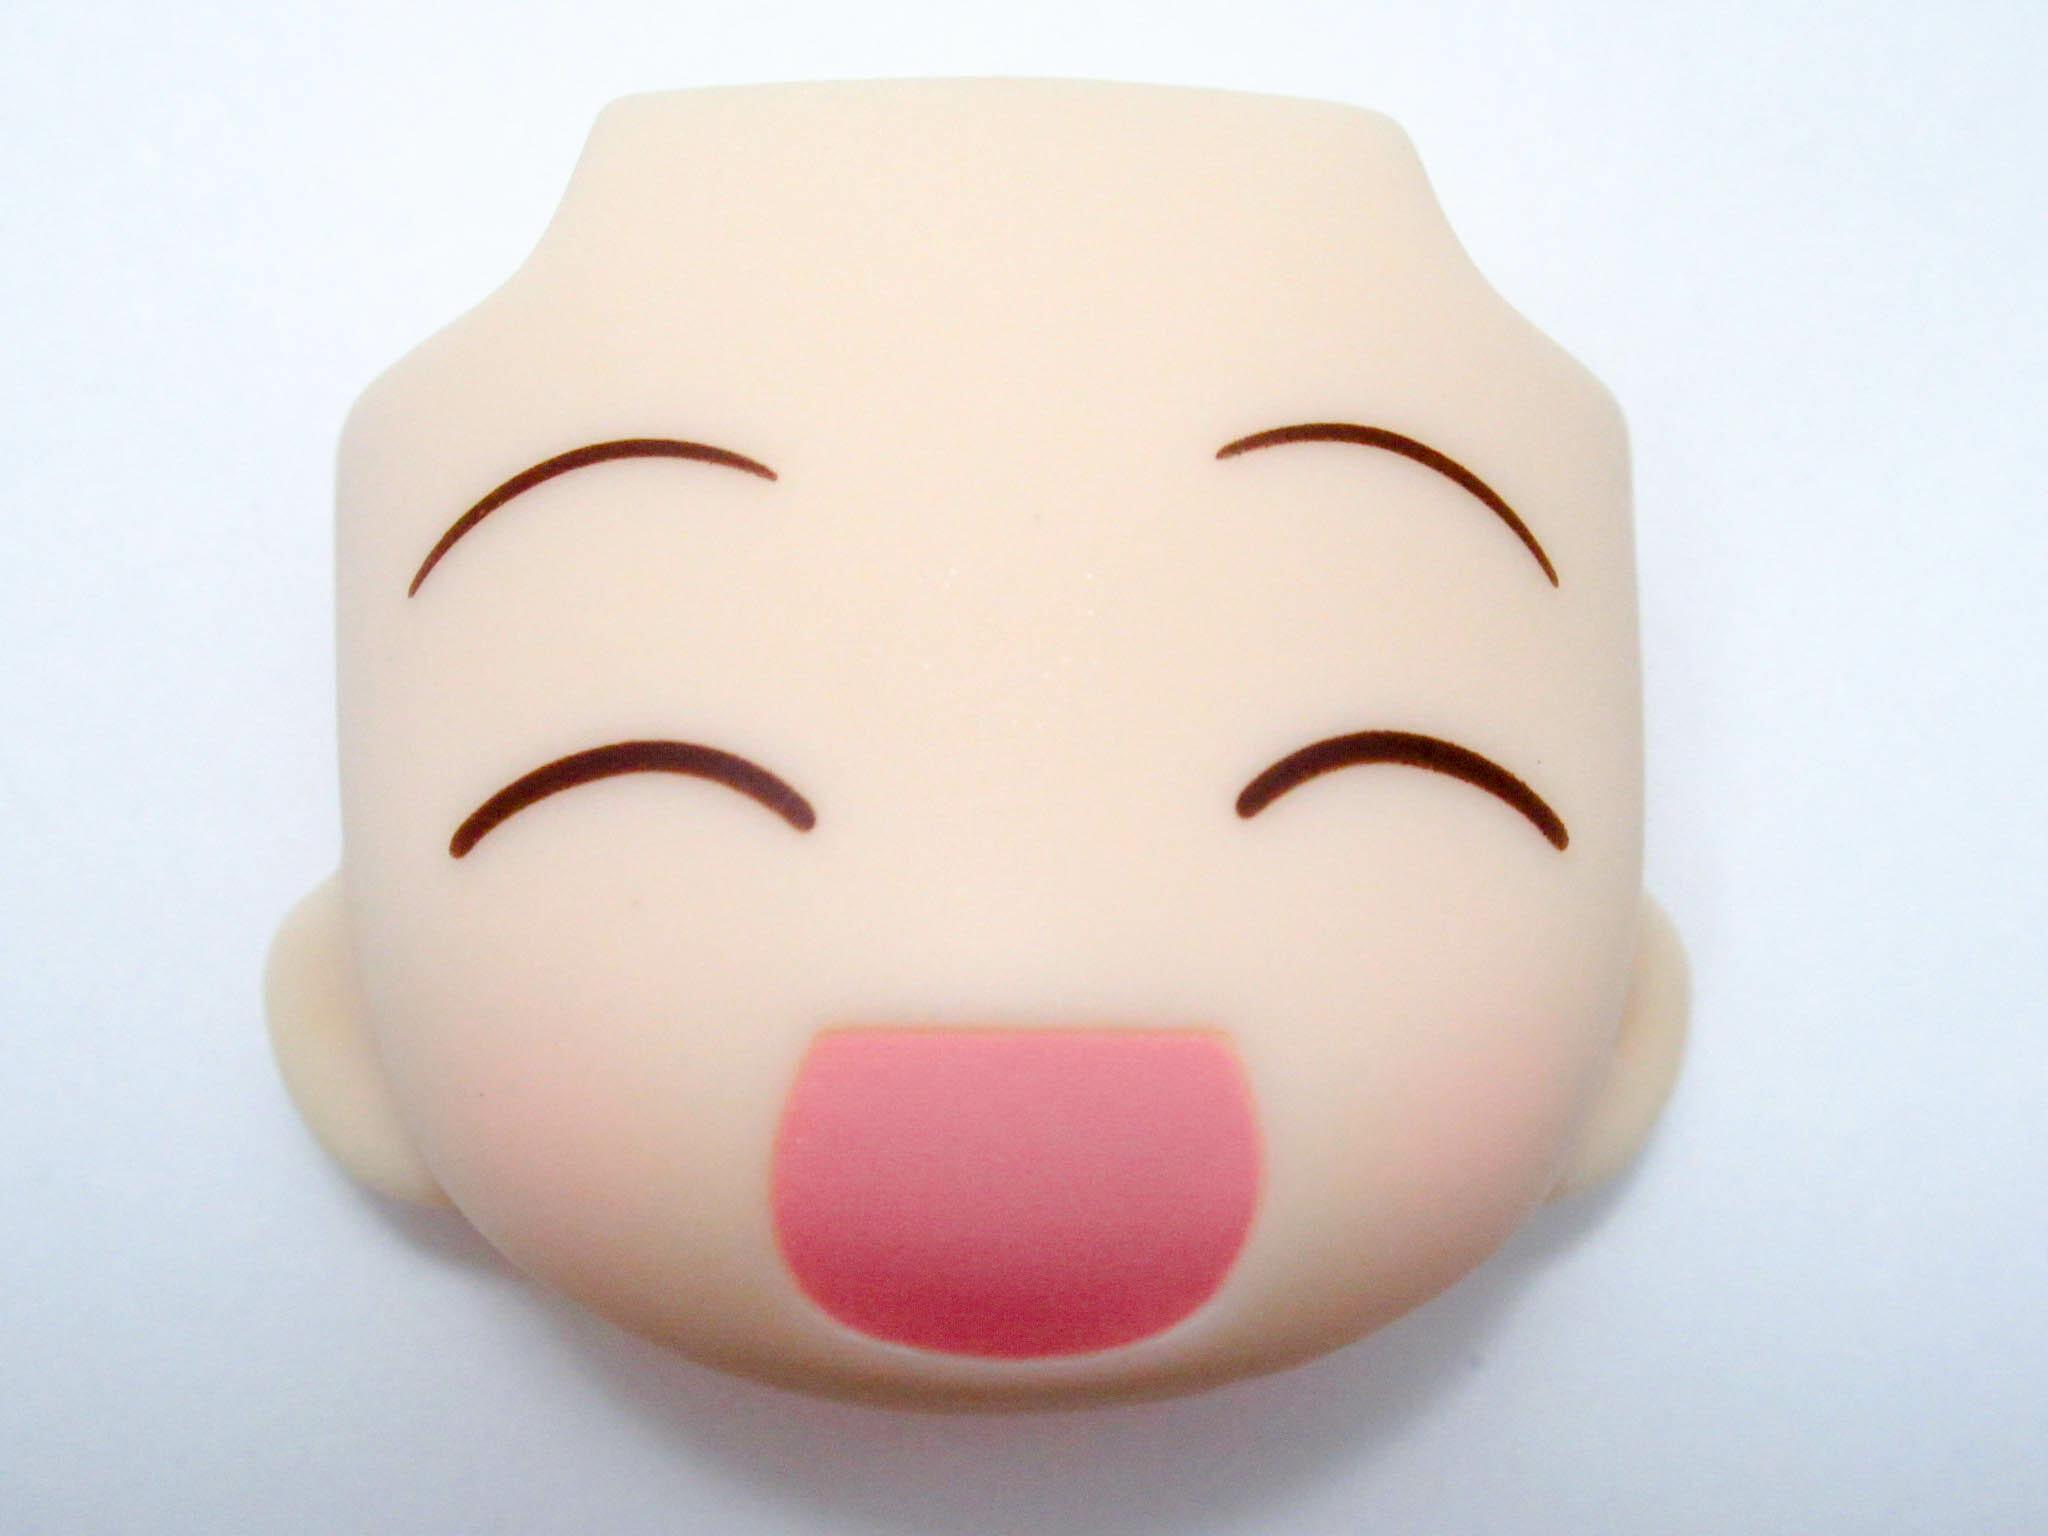 【1064】 小岩井よつば 顔パーツ 笑顔 ねんどろいど